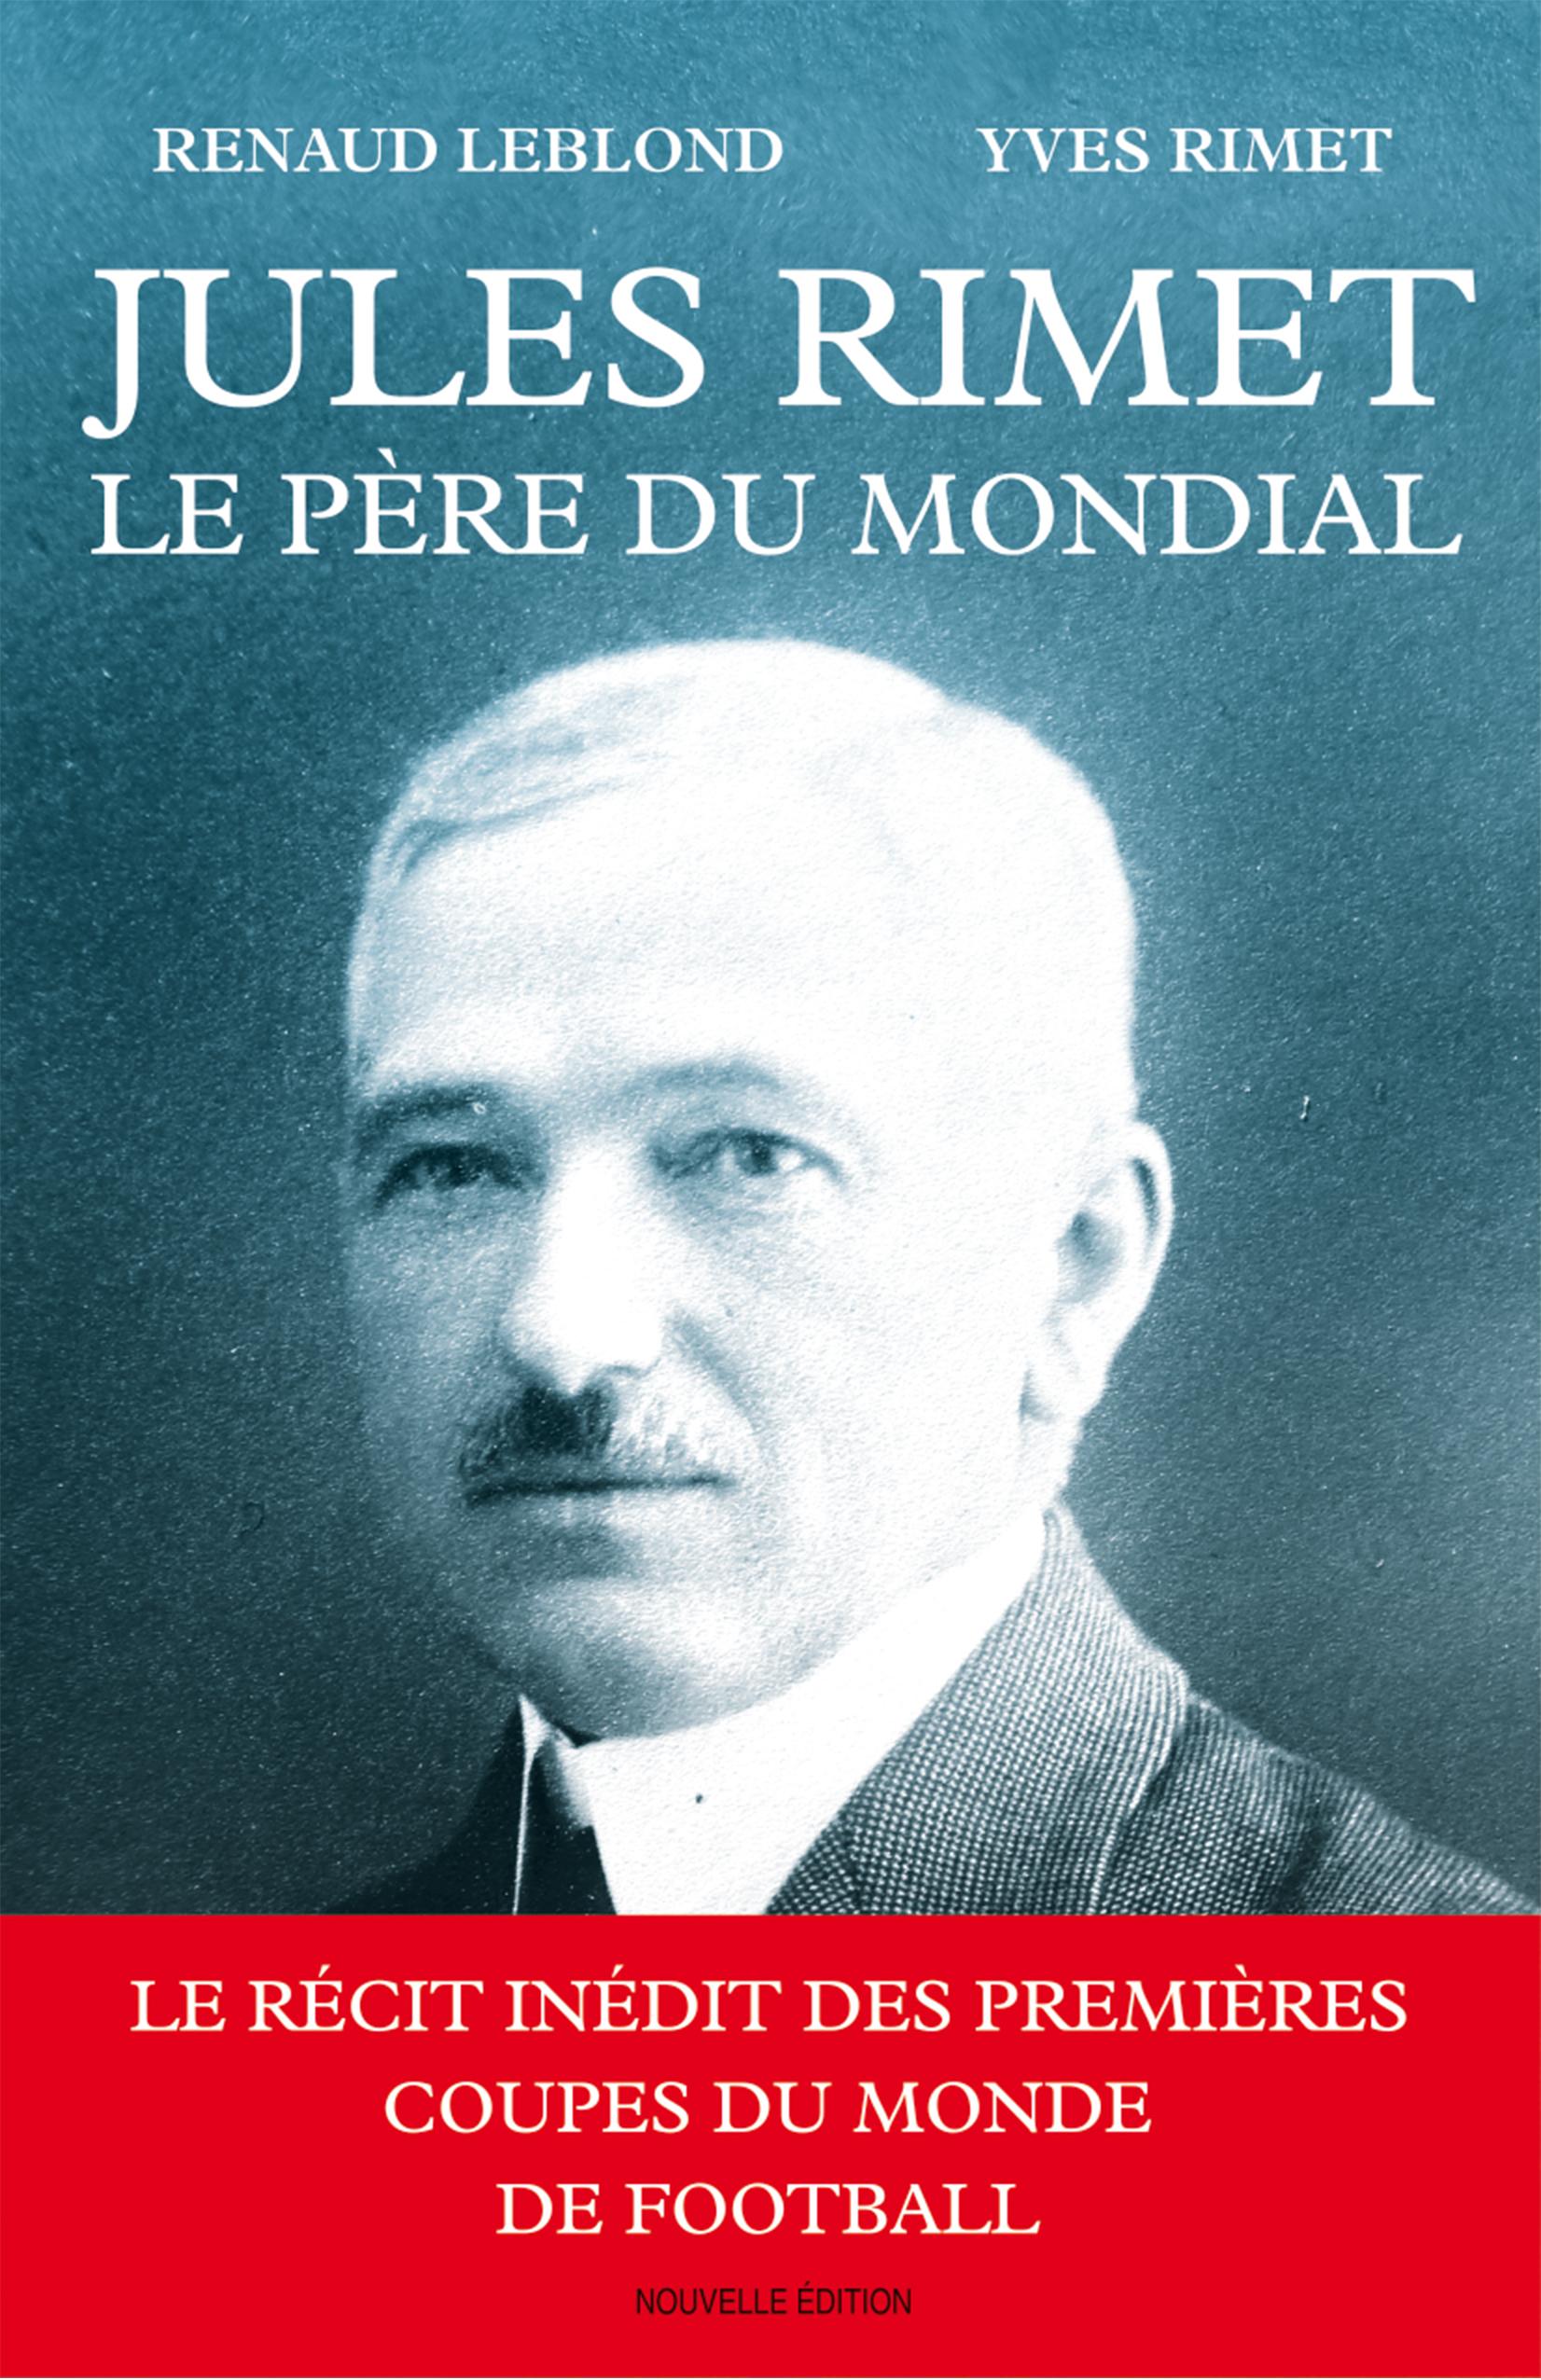 Jules Rimet, le père du Mondial